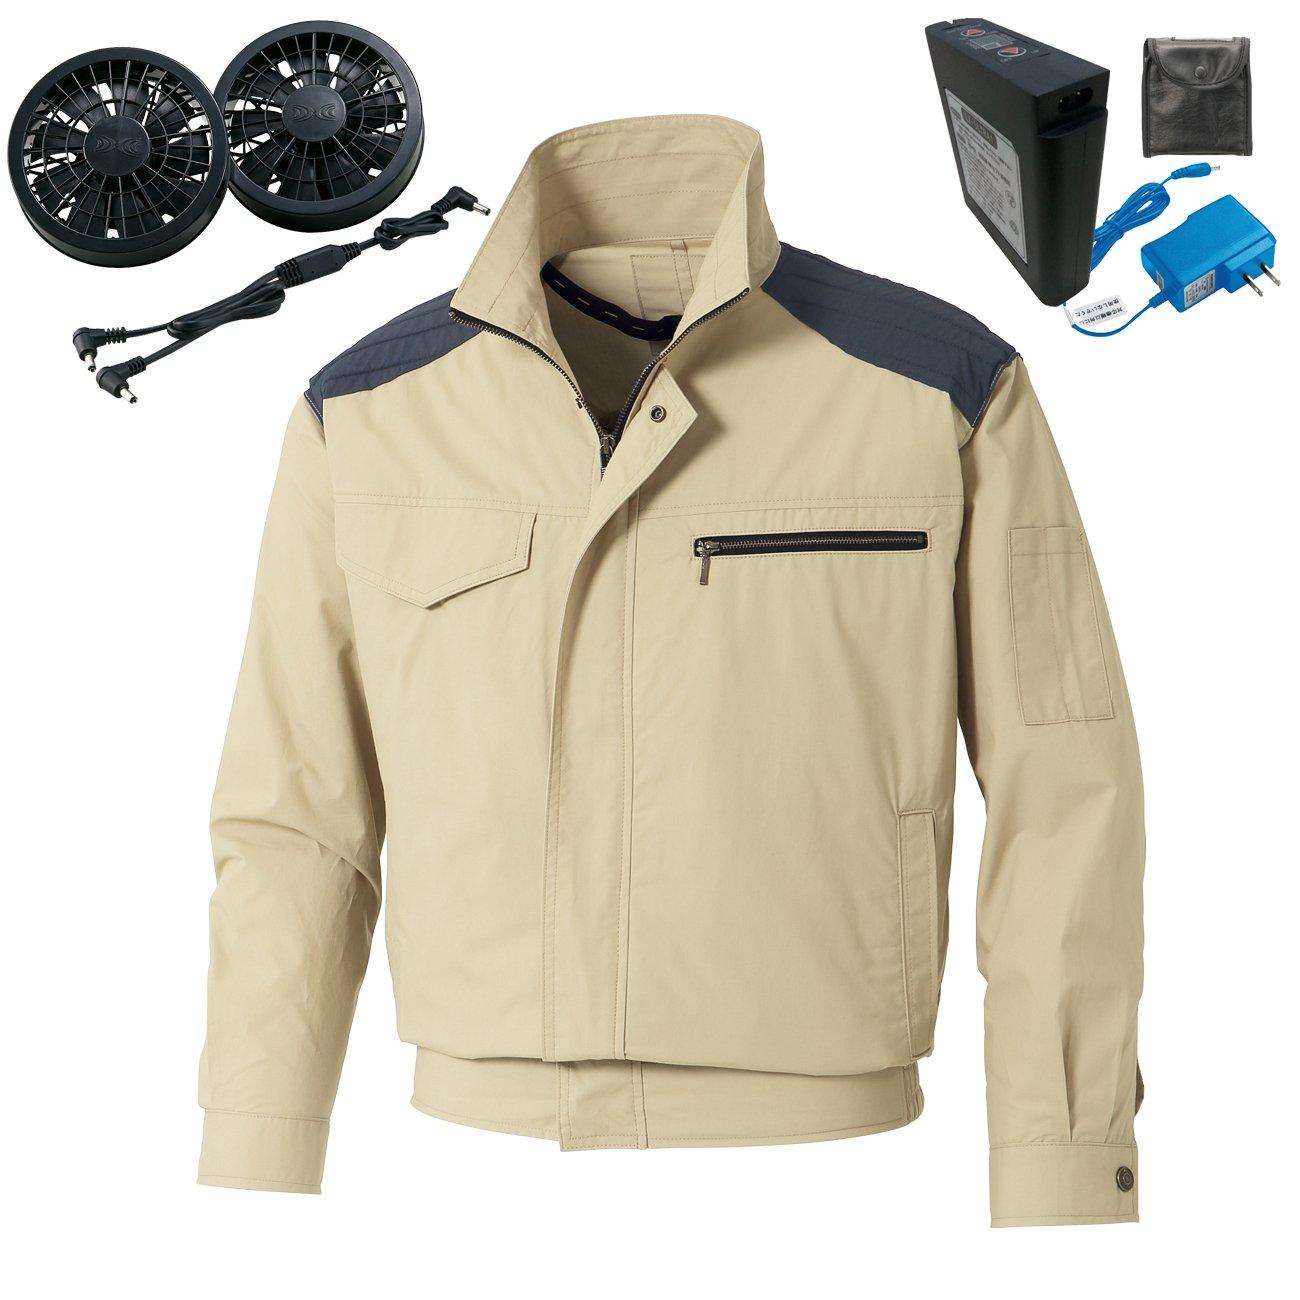 空調服 空調風神服 肩パット付長袖ブルゾン 綿100%(空調服社バッテリー+ファン)099‐KU93503 B06ZYR8J43 5L|1-サンドベージュ 1-サンドベージュ 5L